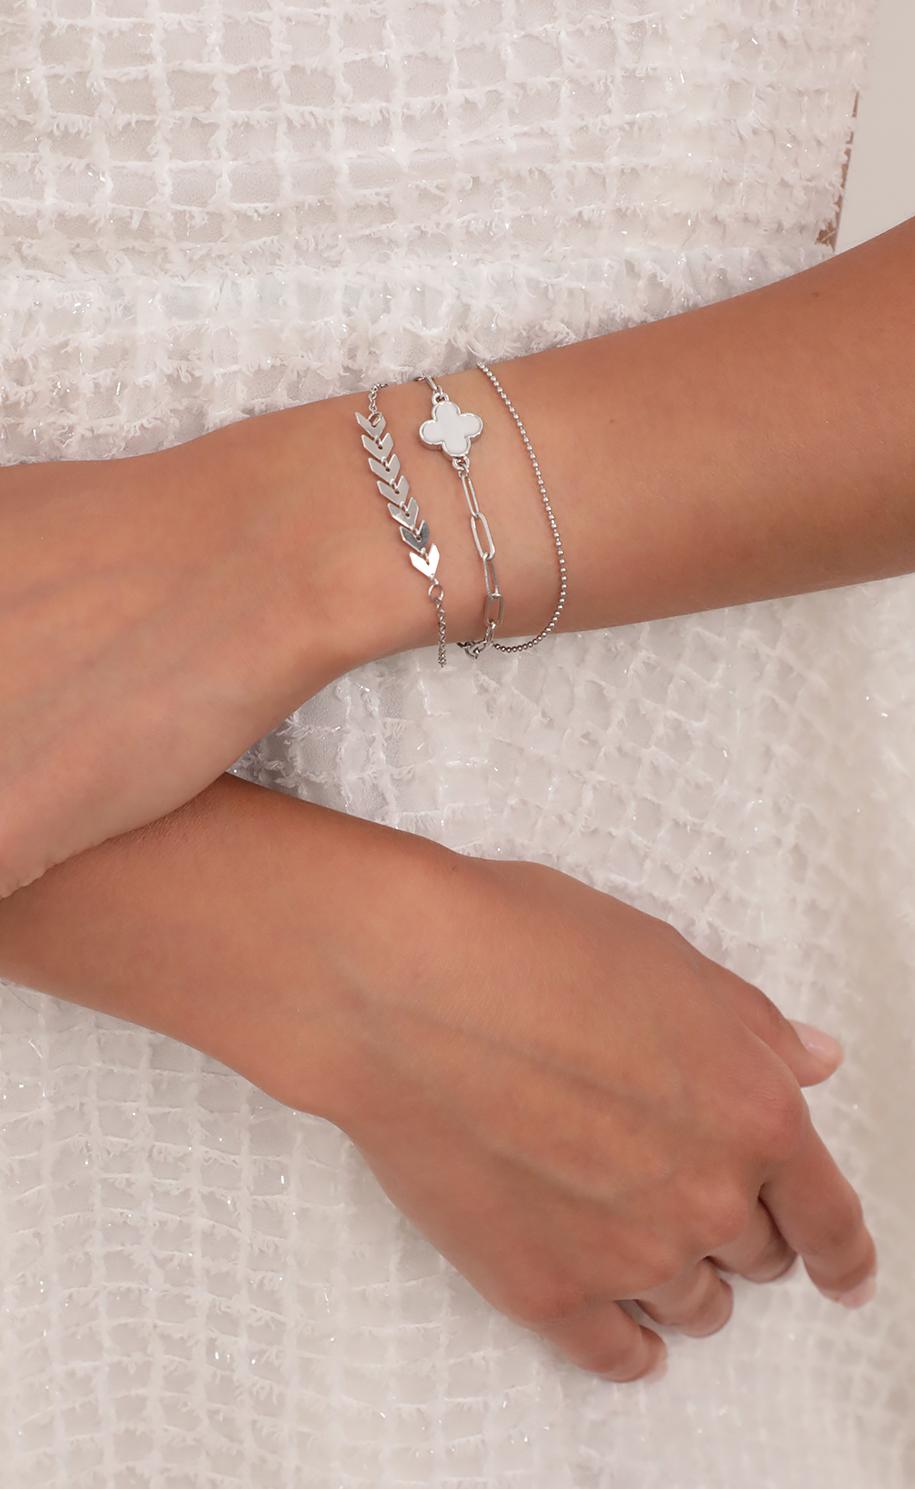 Kai Bracelet Trio Set in Silver